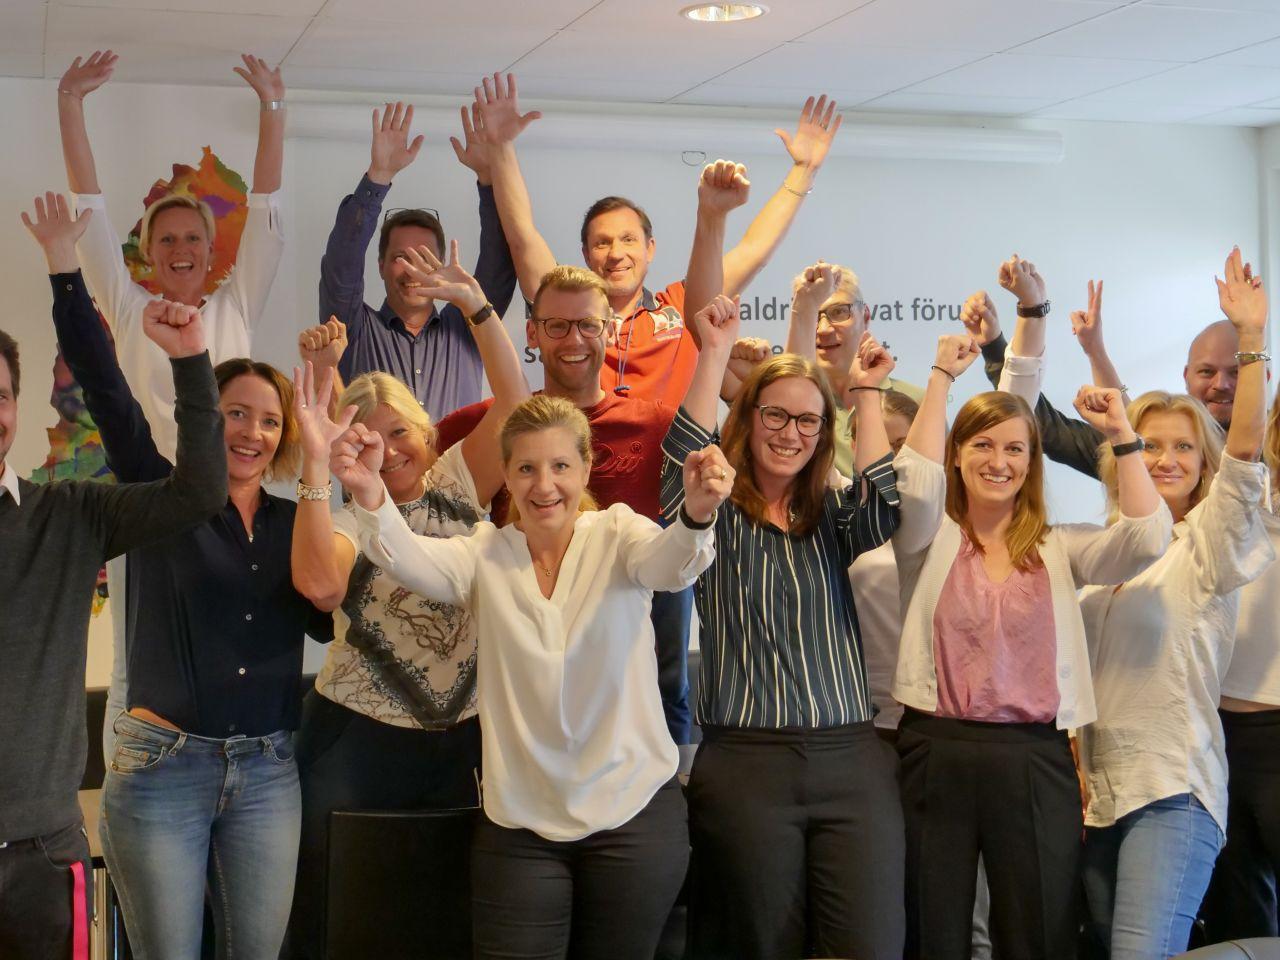 Lärandegruppen i Sverige kammar hem Guldtrappan 2019